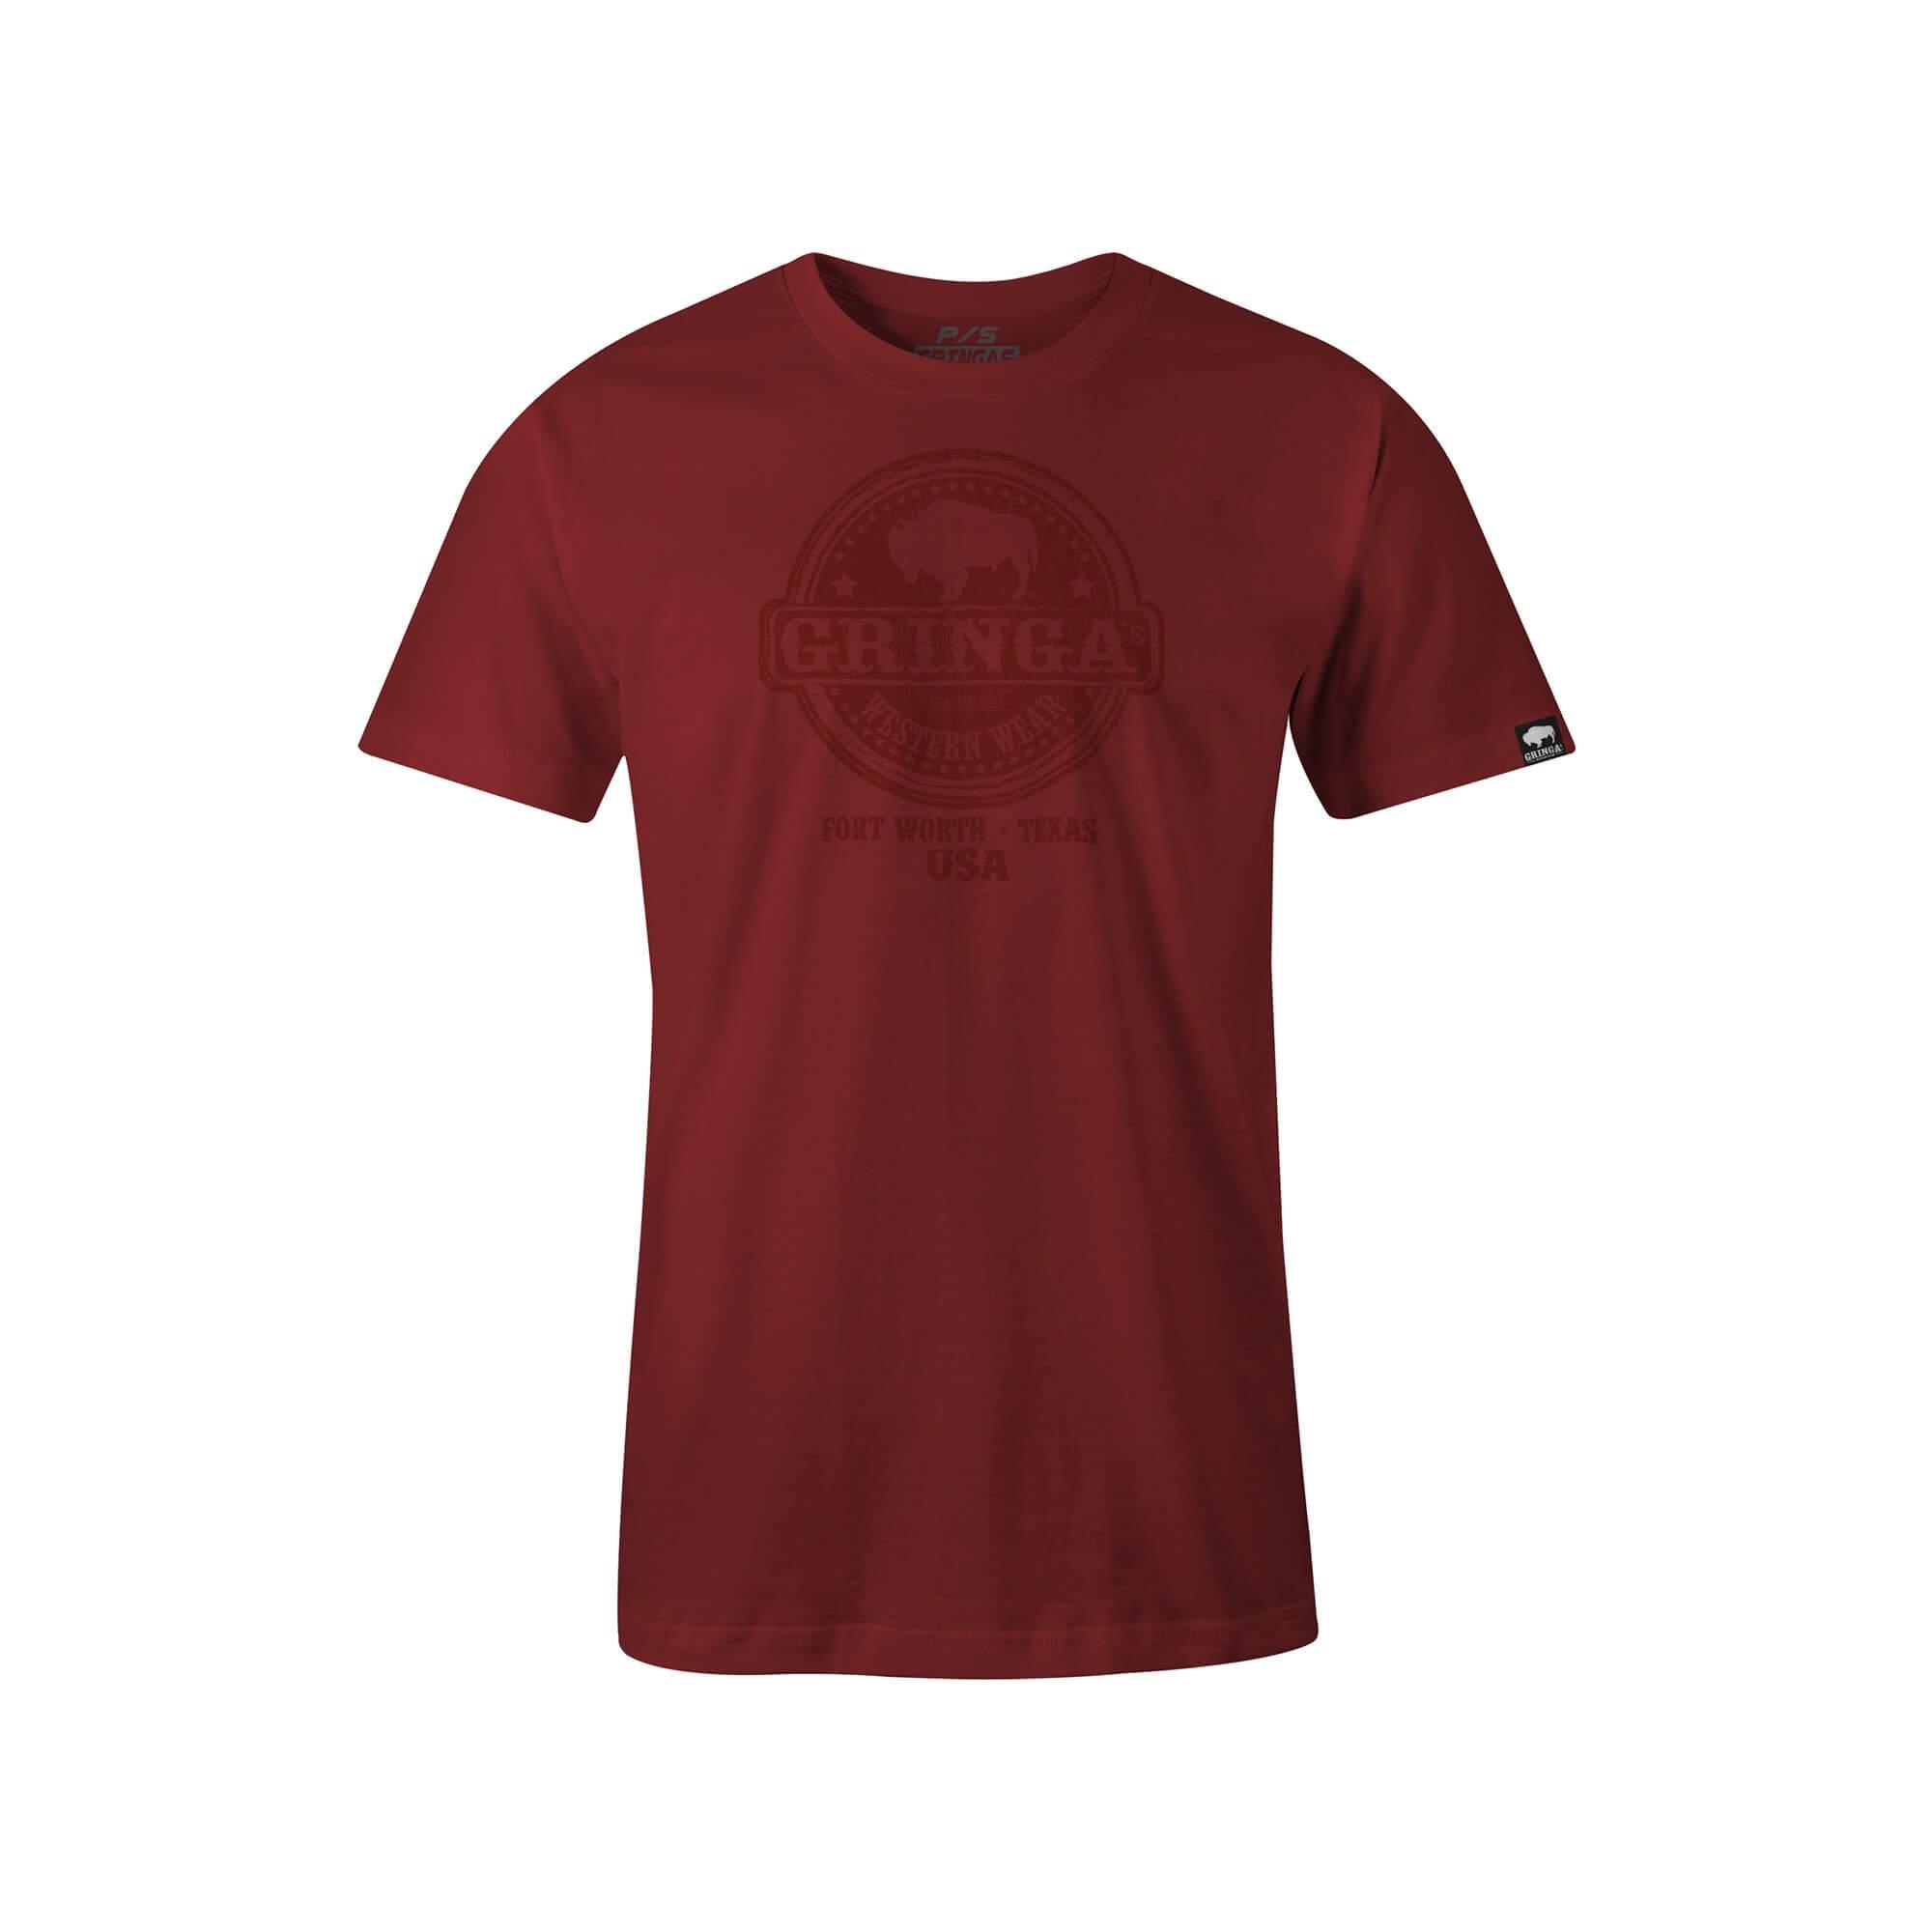 Camiseta Gringas´s Western Masculina Tubular Red Blood